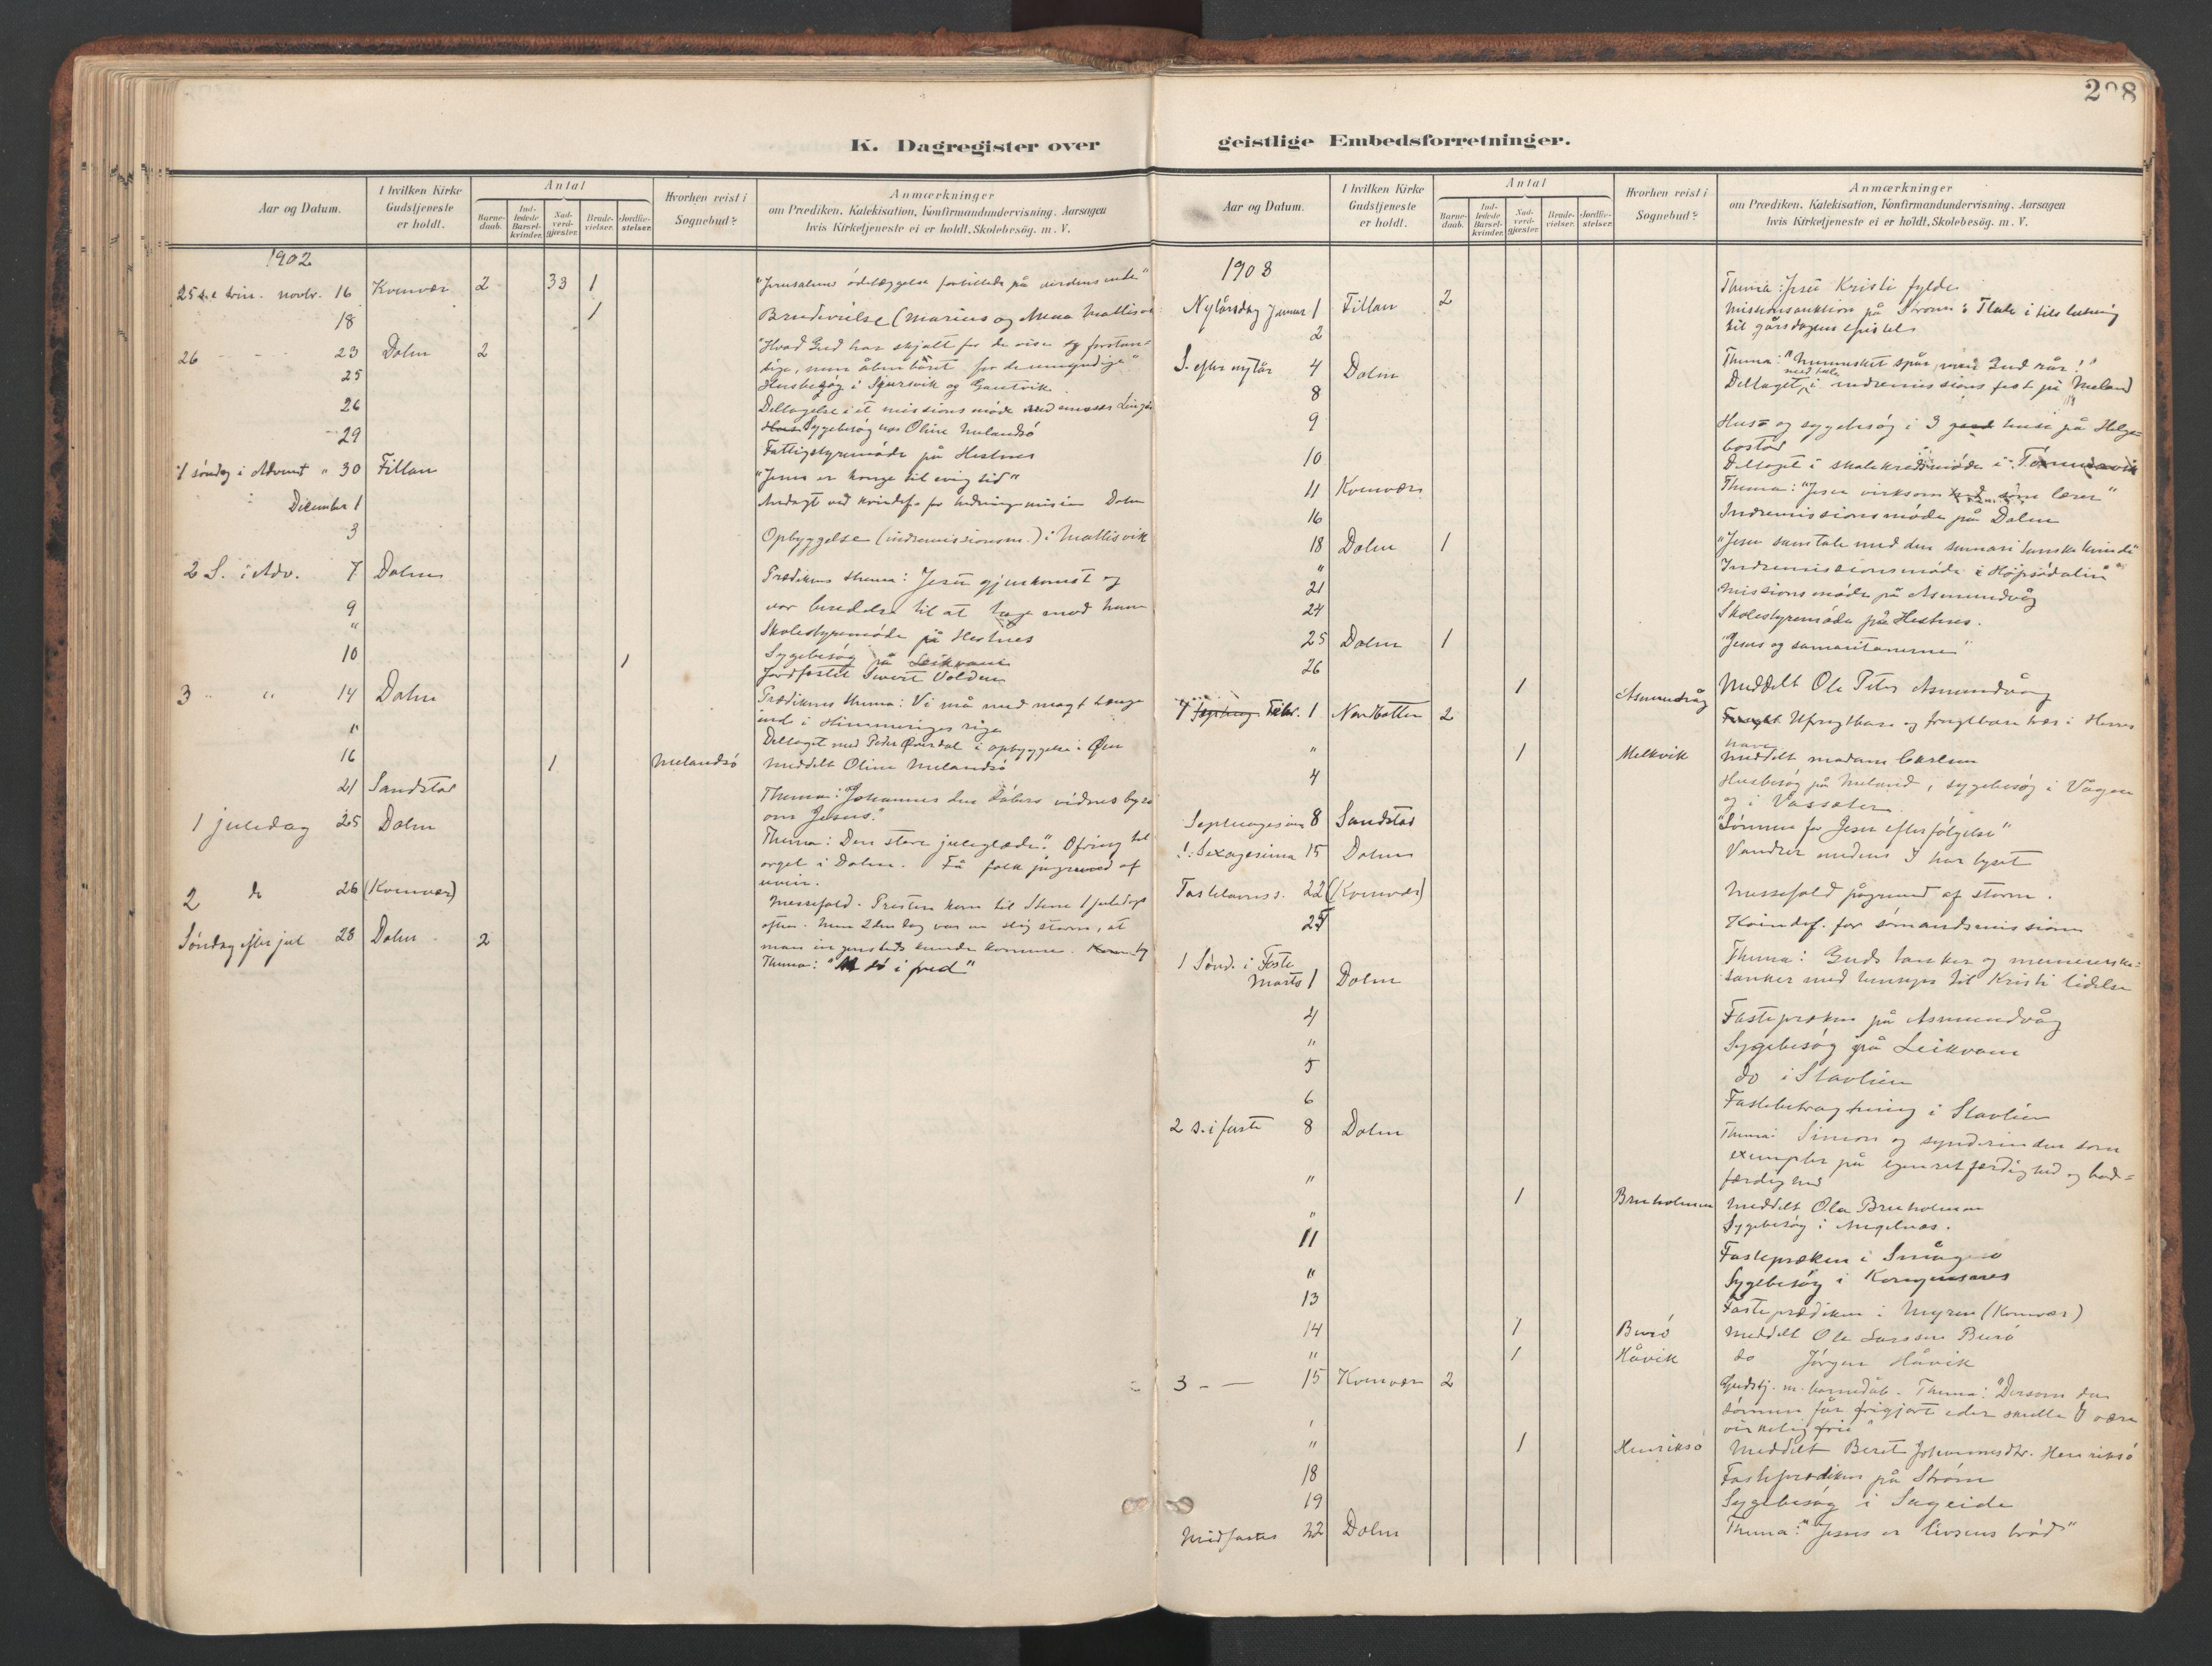 SAT, Ministerialprotokoller, klokkerbøker og fødselsregistre - Sør-Trøndelag, 634/L0537: Ministerialbok nr. 634A13, 1896-1922, s. 208